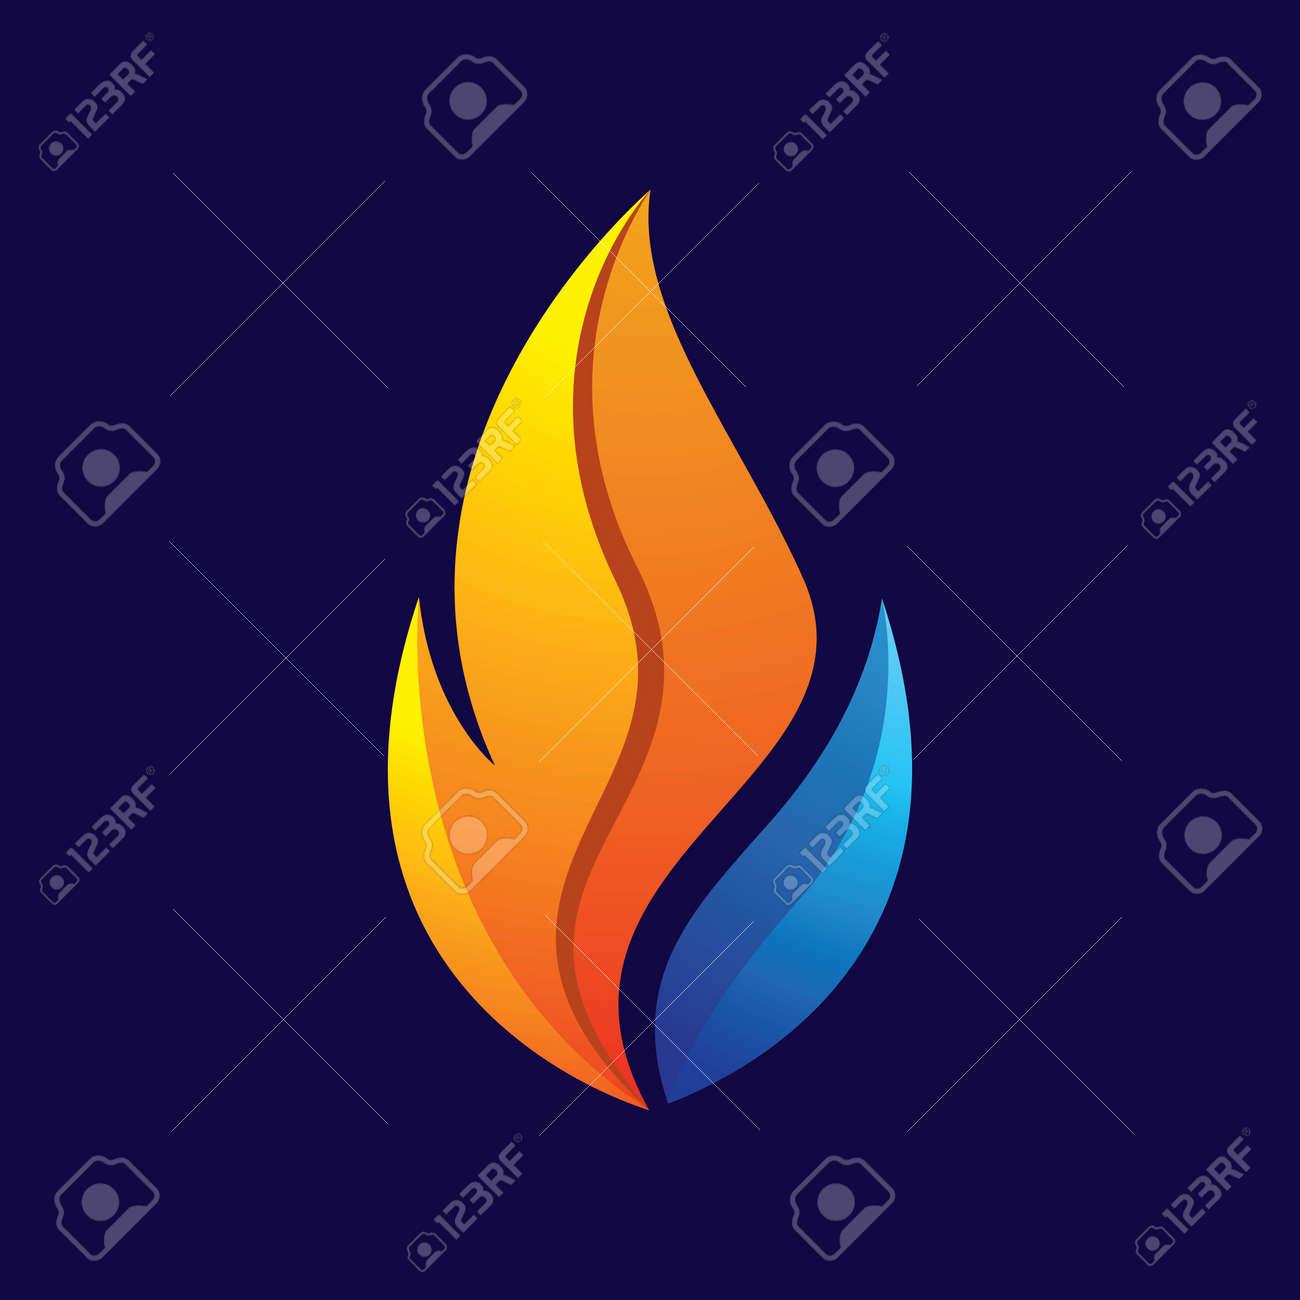 Fire logo images illustration design - 168292204